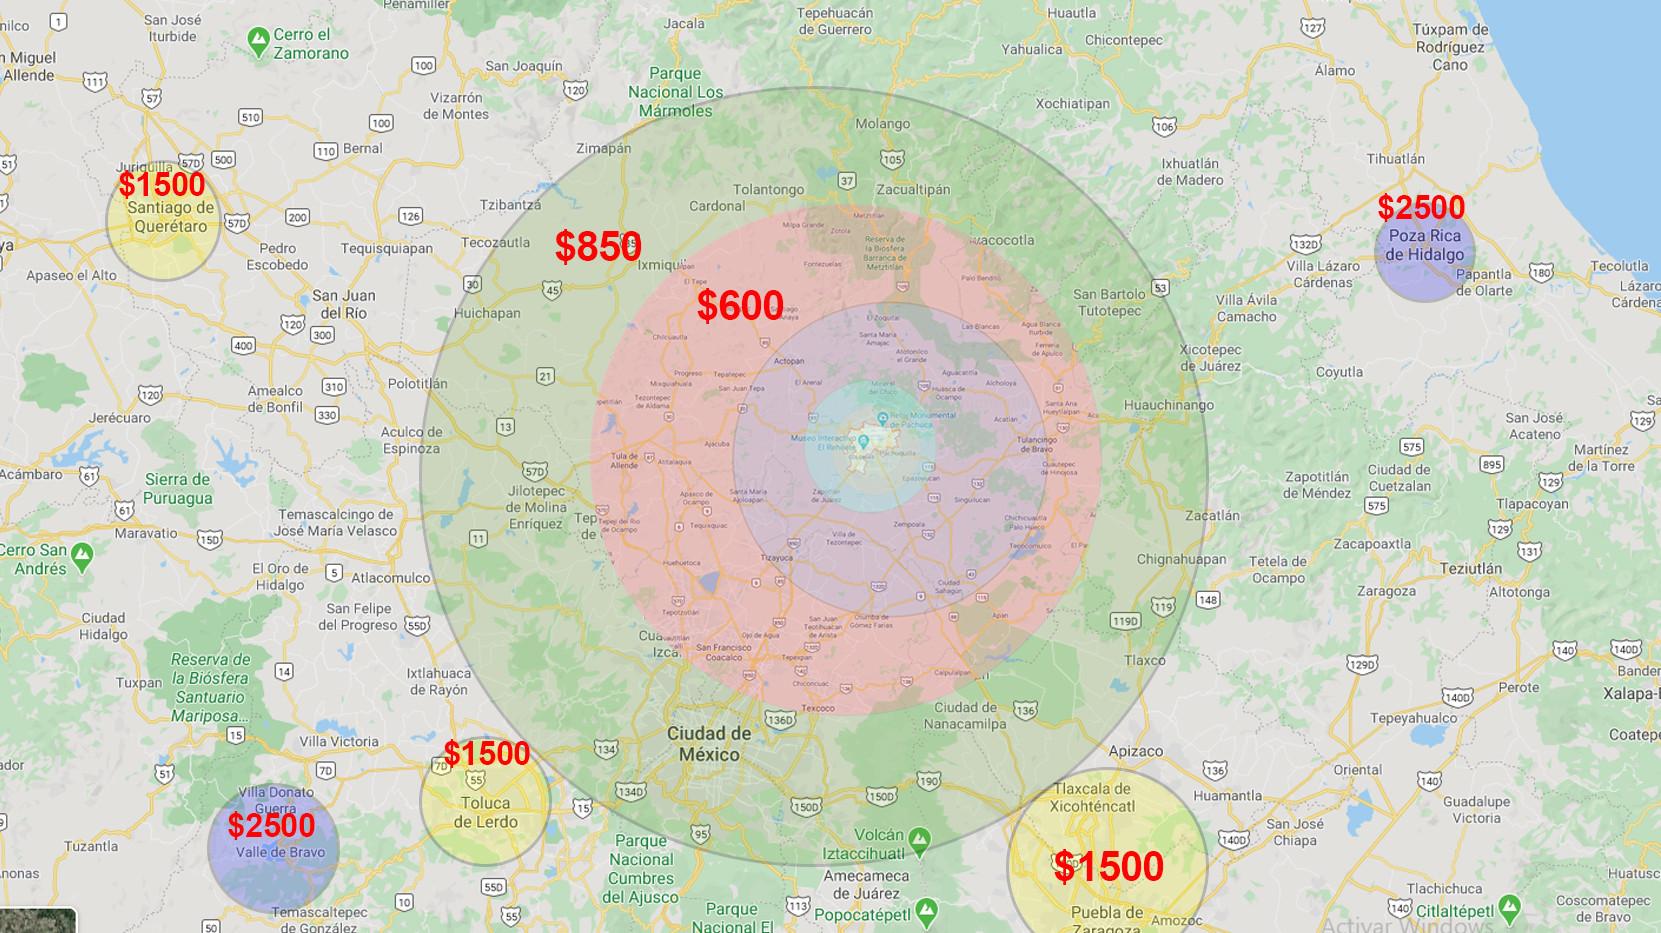 Mapa de viaticos 3.jpg